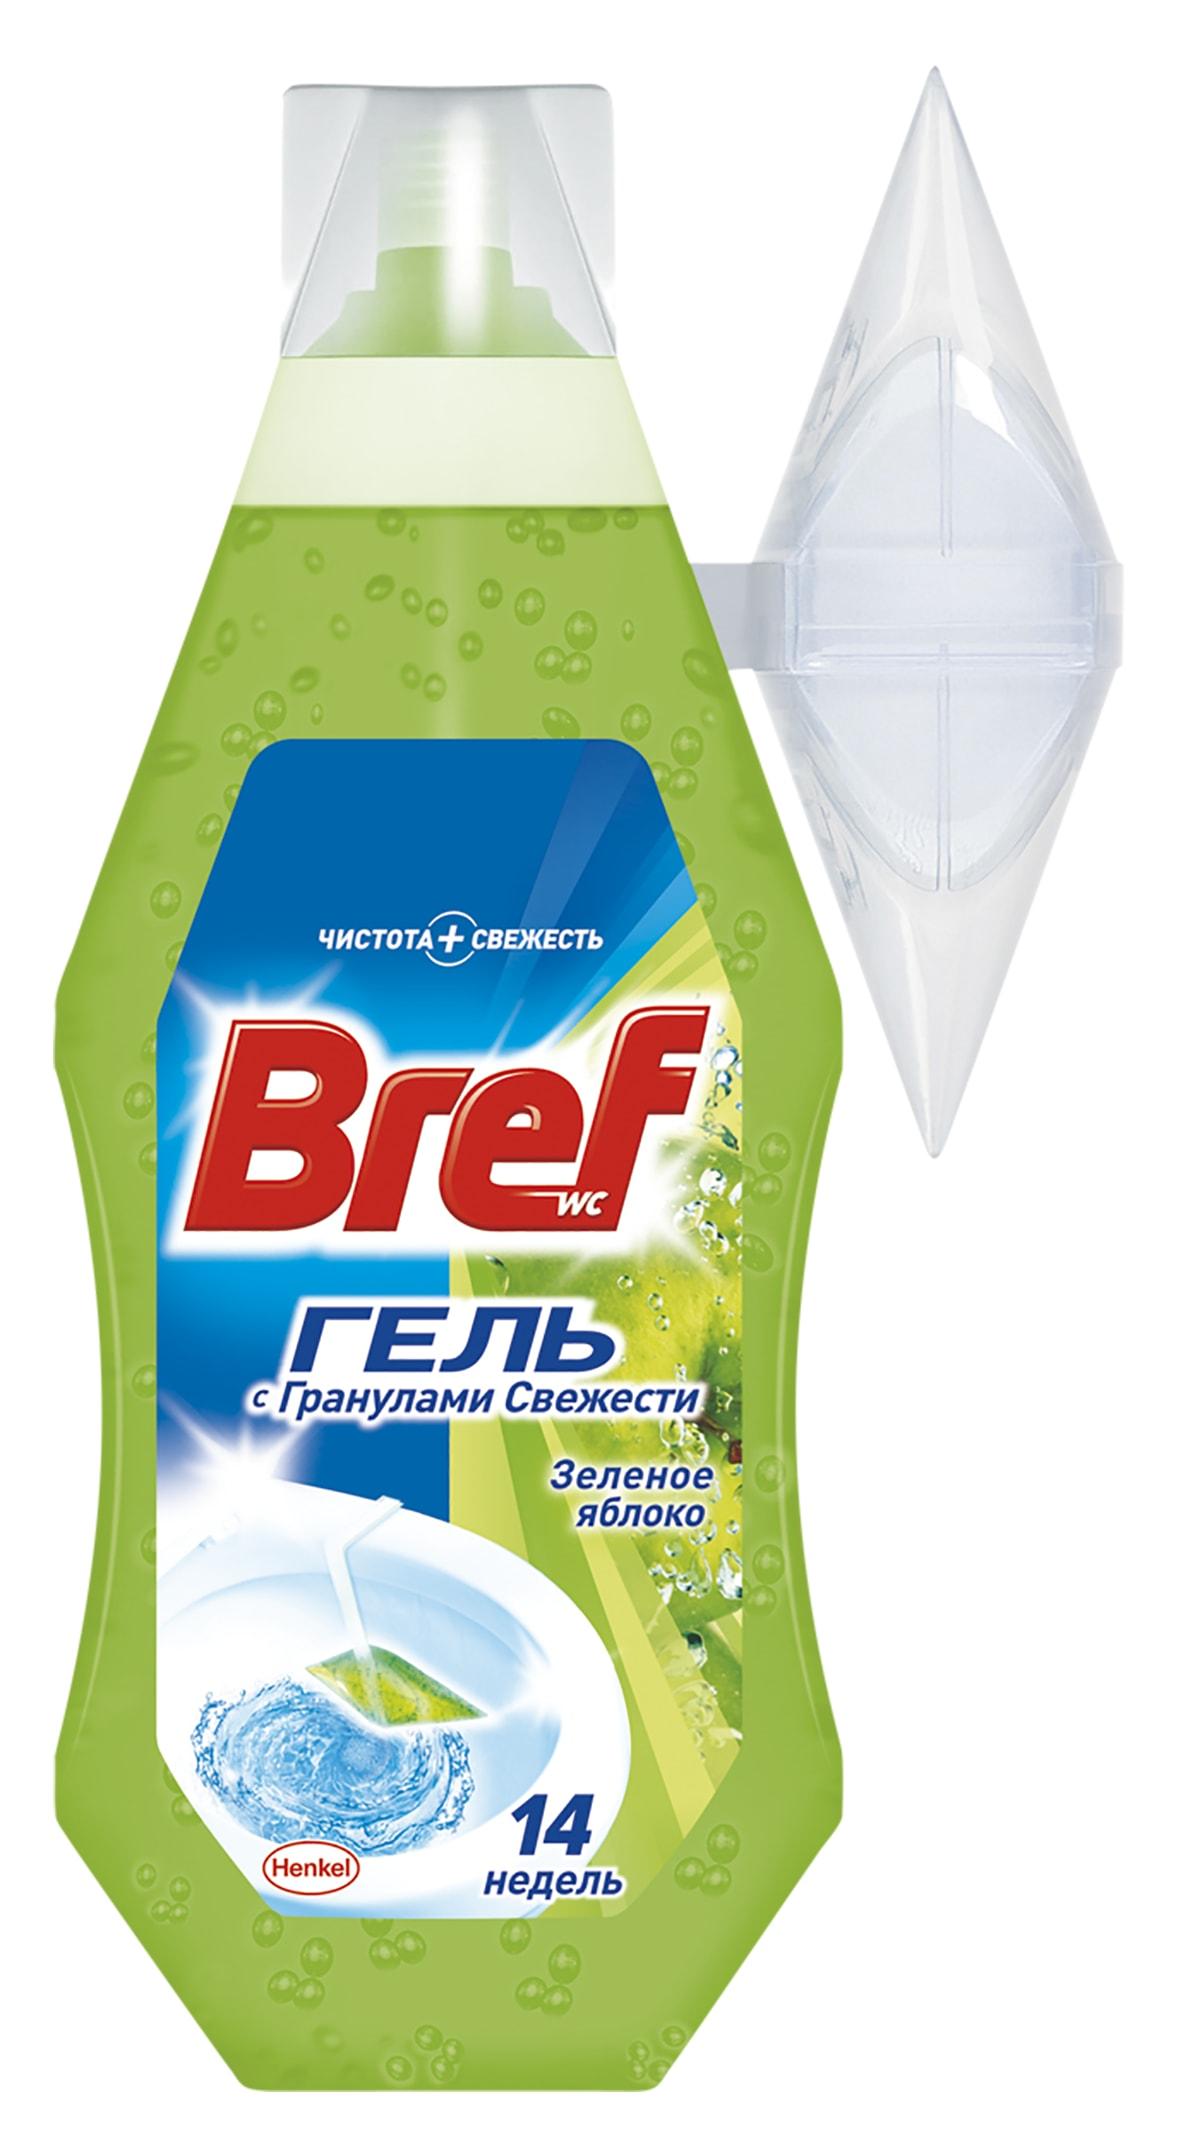 Освежитель для туалета Bref Гель Зеленое Яблоко 360мл68/5/3Освежитель для туалета Bref Гель обеспечивает чистоту и превосходный свежий аромат после каждого смывания. Упаковки Bref Гель 360мл хватает на 14 недель использования! Повесьте корзинку на край унитаза и наполните гелем Bref, как показано на рисунке на упаковке продукта.Состав: 5-15% анионные ПАВ, неионогенные ПАВ; отдушка (в т.ч. лимонен, гексилциннамаль), полимеры, лимонная кислота, краситель; вода.Товар сертифицирован.